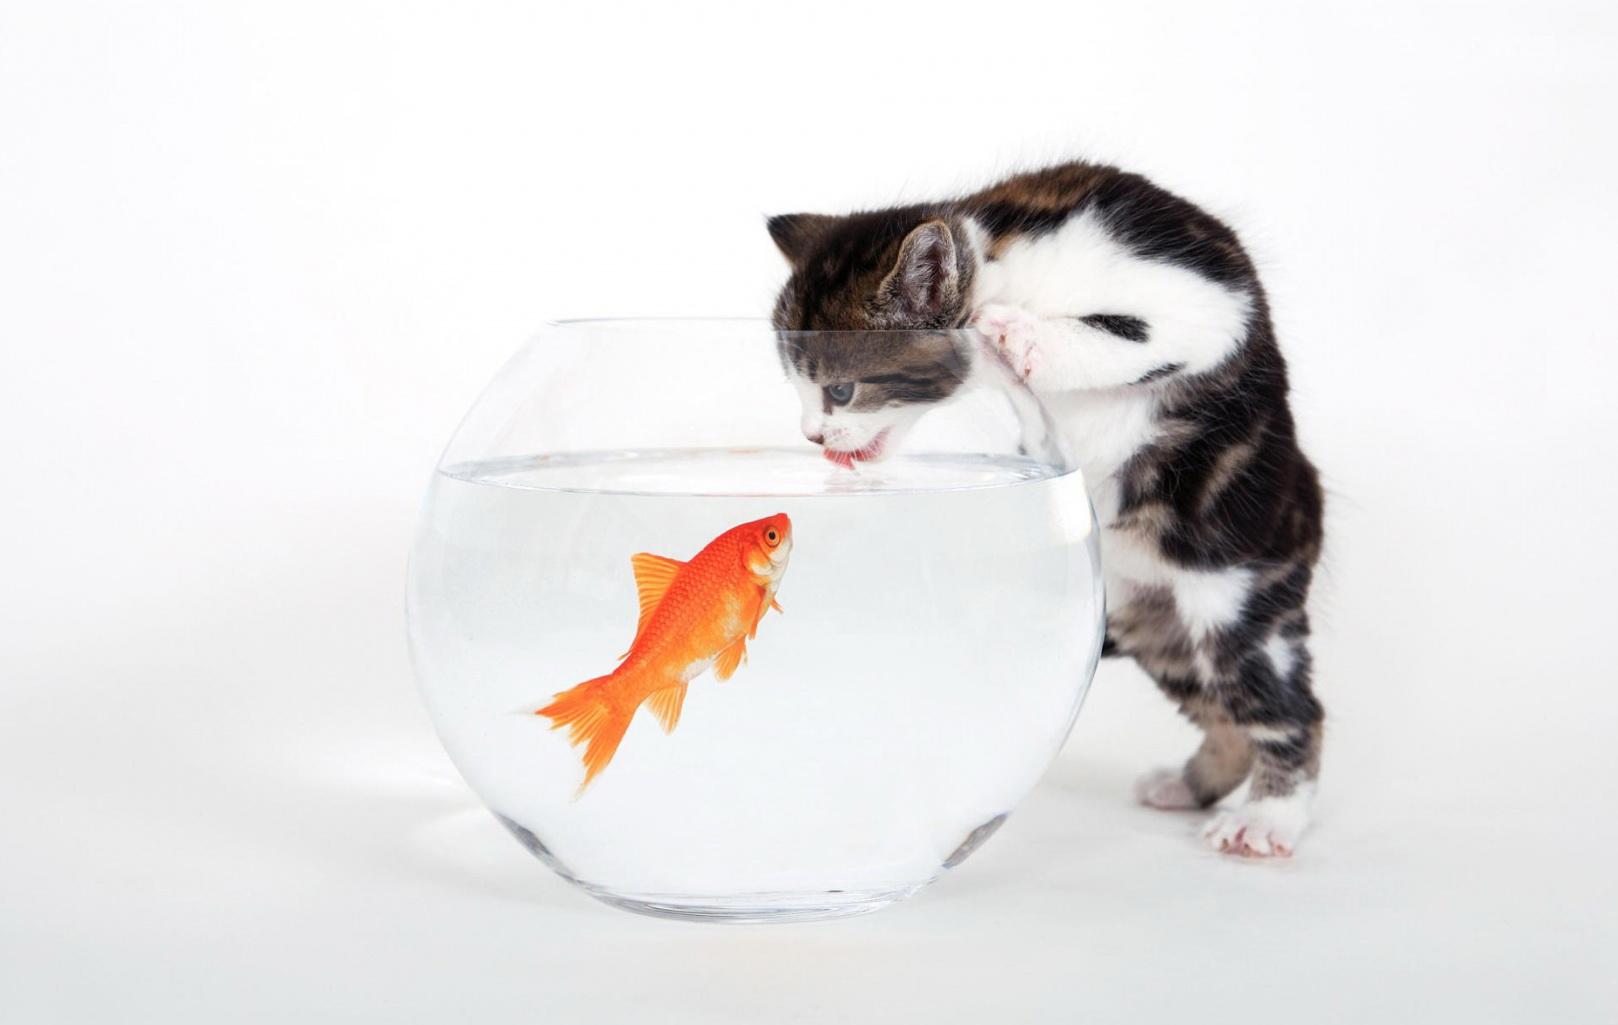 تصاویر باکیفیت از گربه های زیبا  /  MahPic.ir